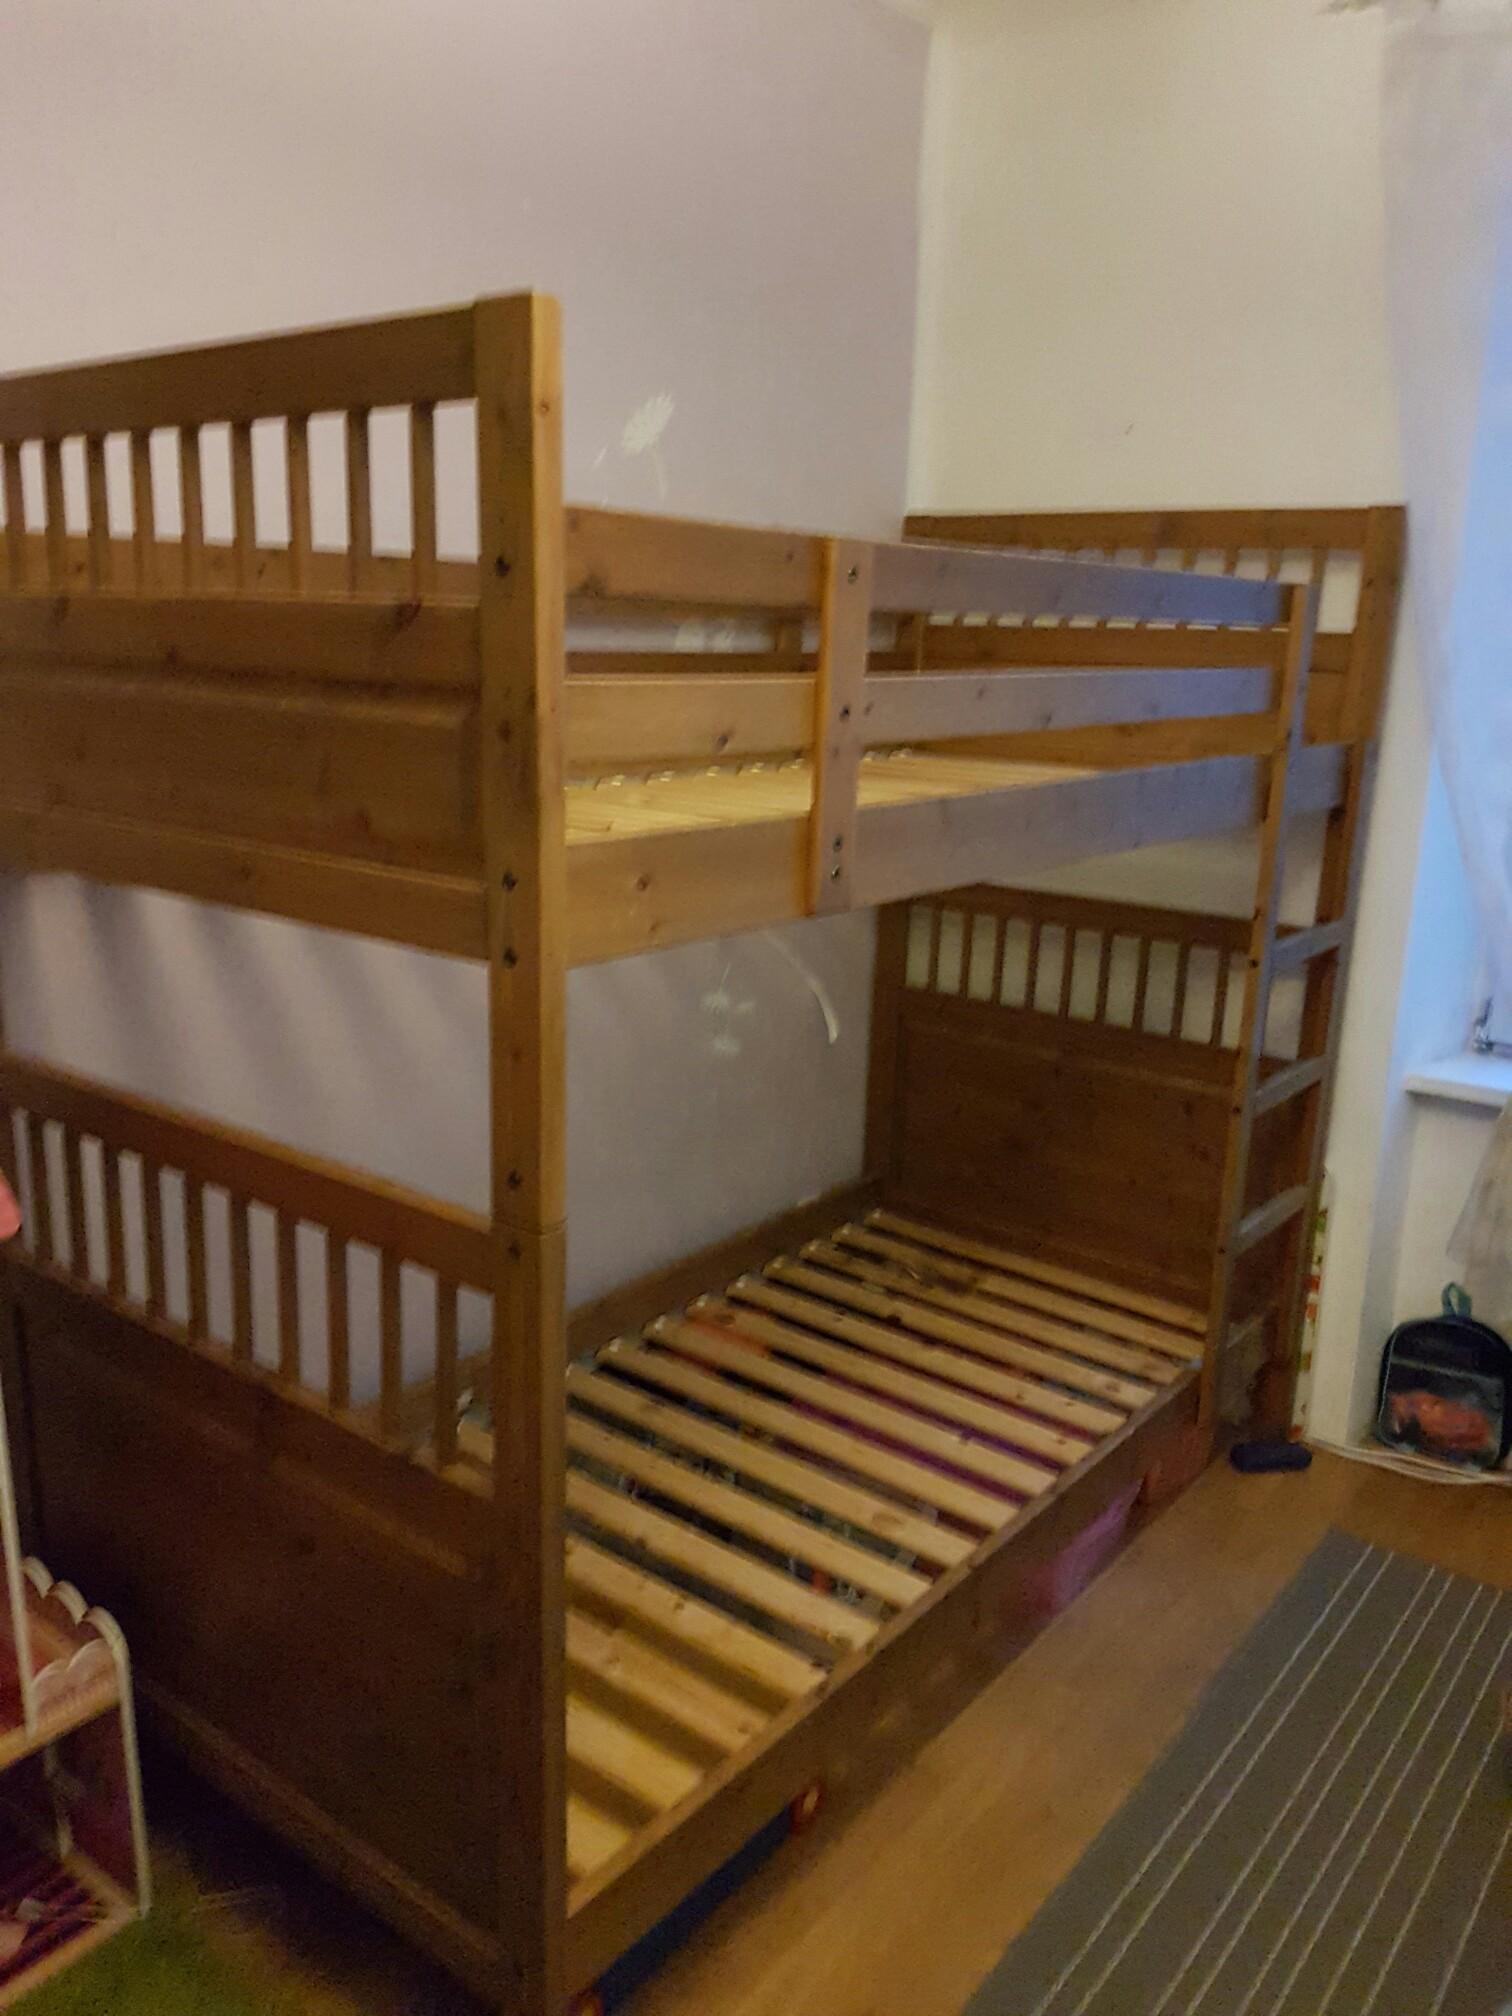 Etagenbett Ikea Hemnes : Gebraucht stockbett etagenbett hemnes von ikea in salzburg